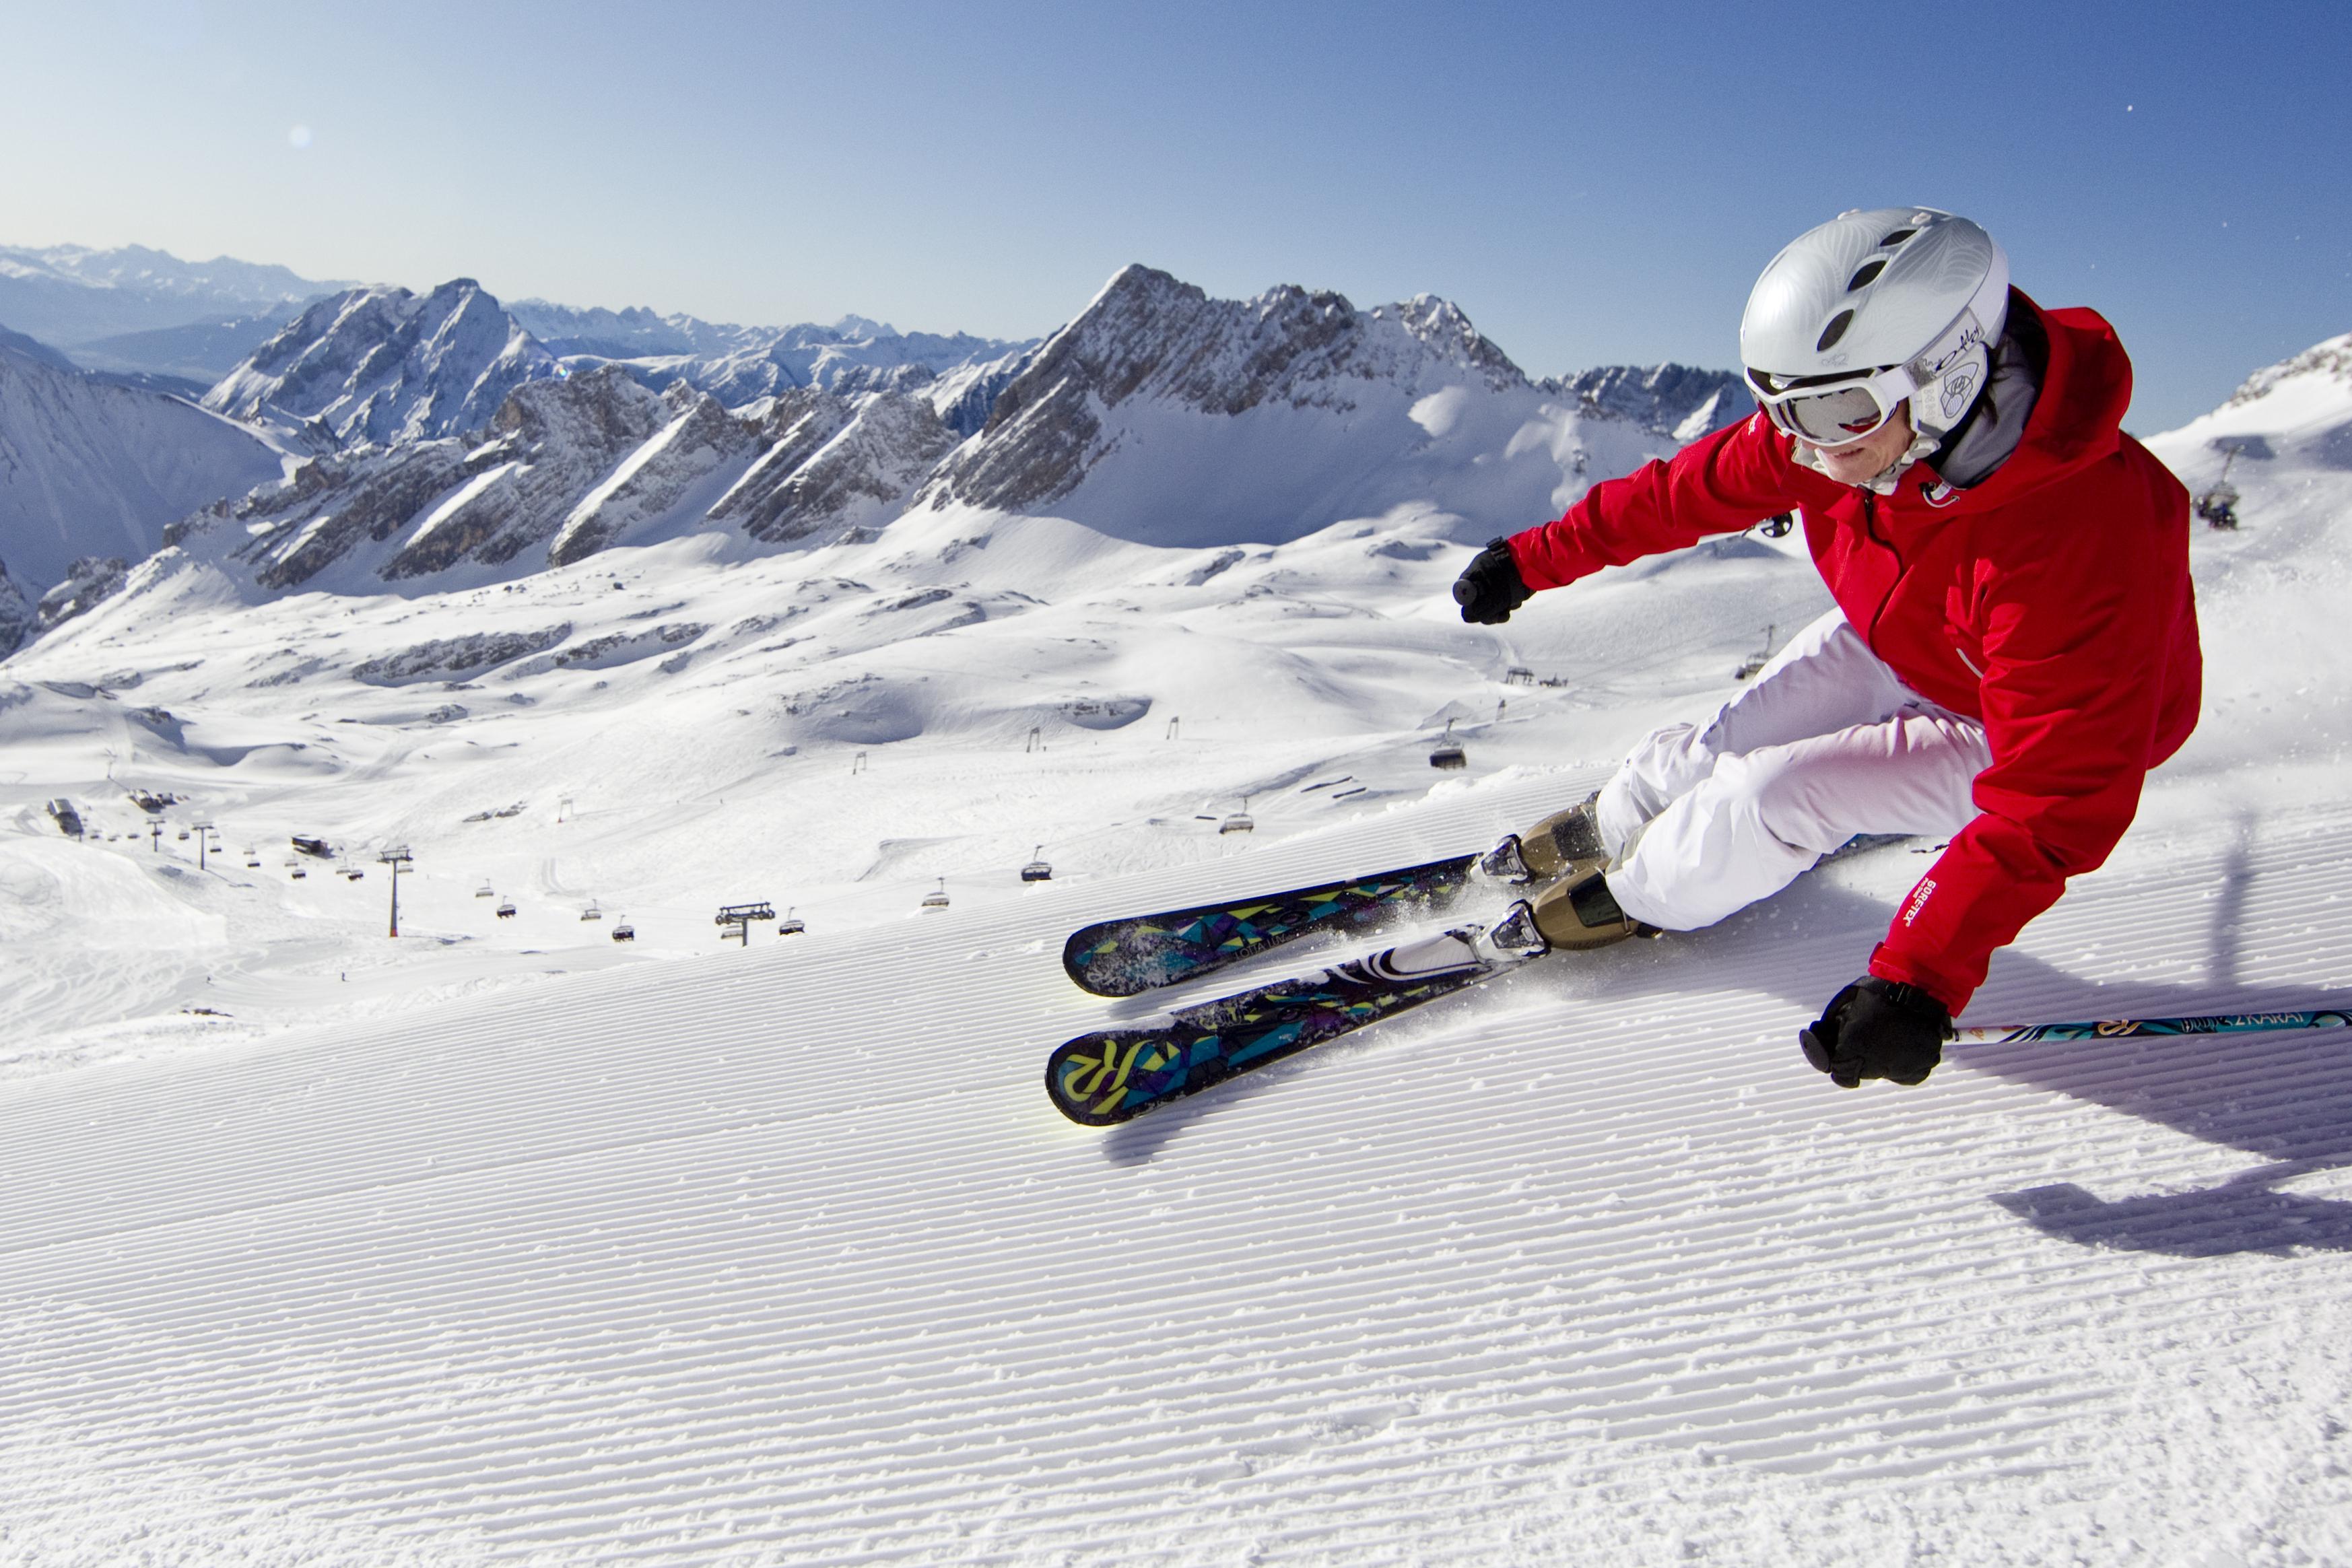 как выглядят горные лыжи фото различных